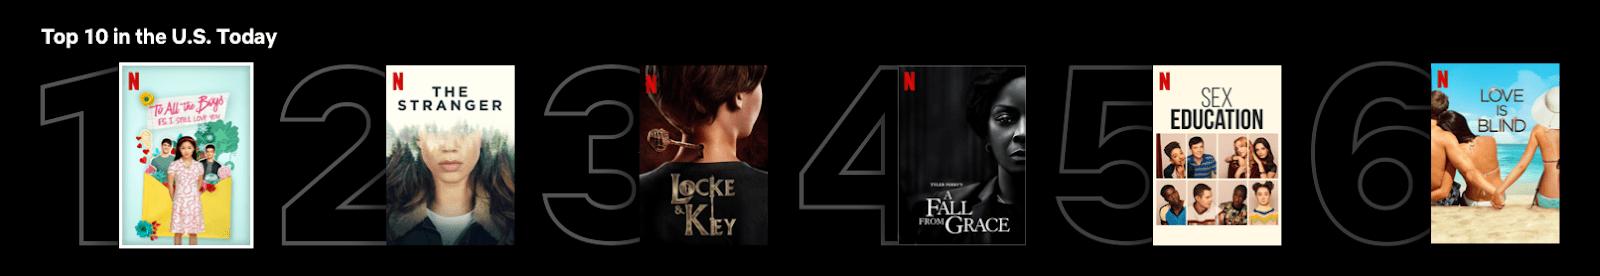 Agora você pode ver as 10 melhores listas na Netflix 1